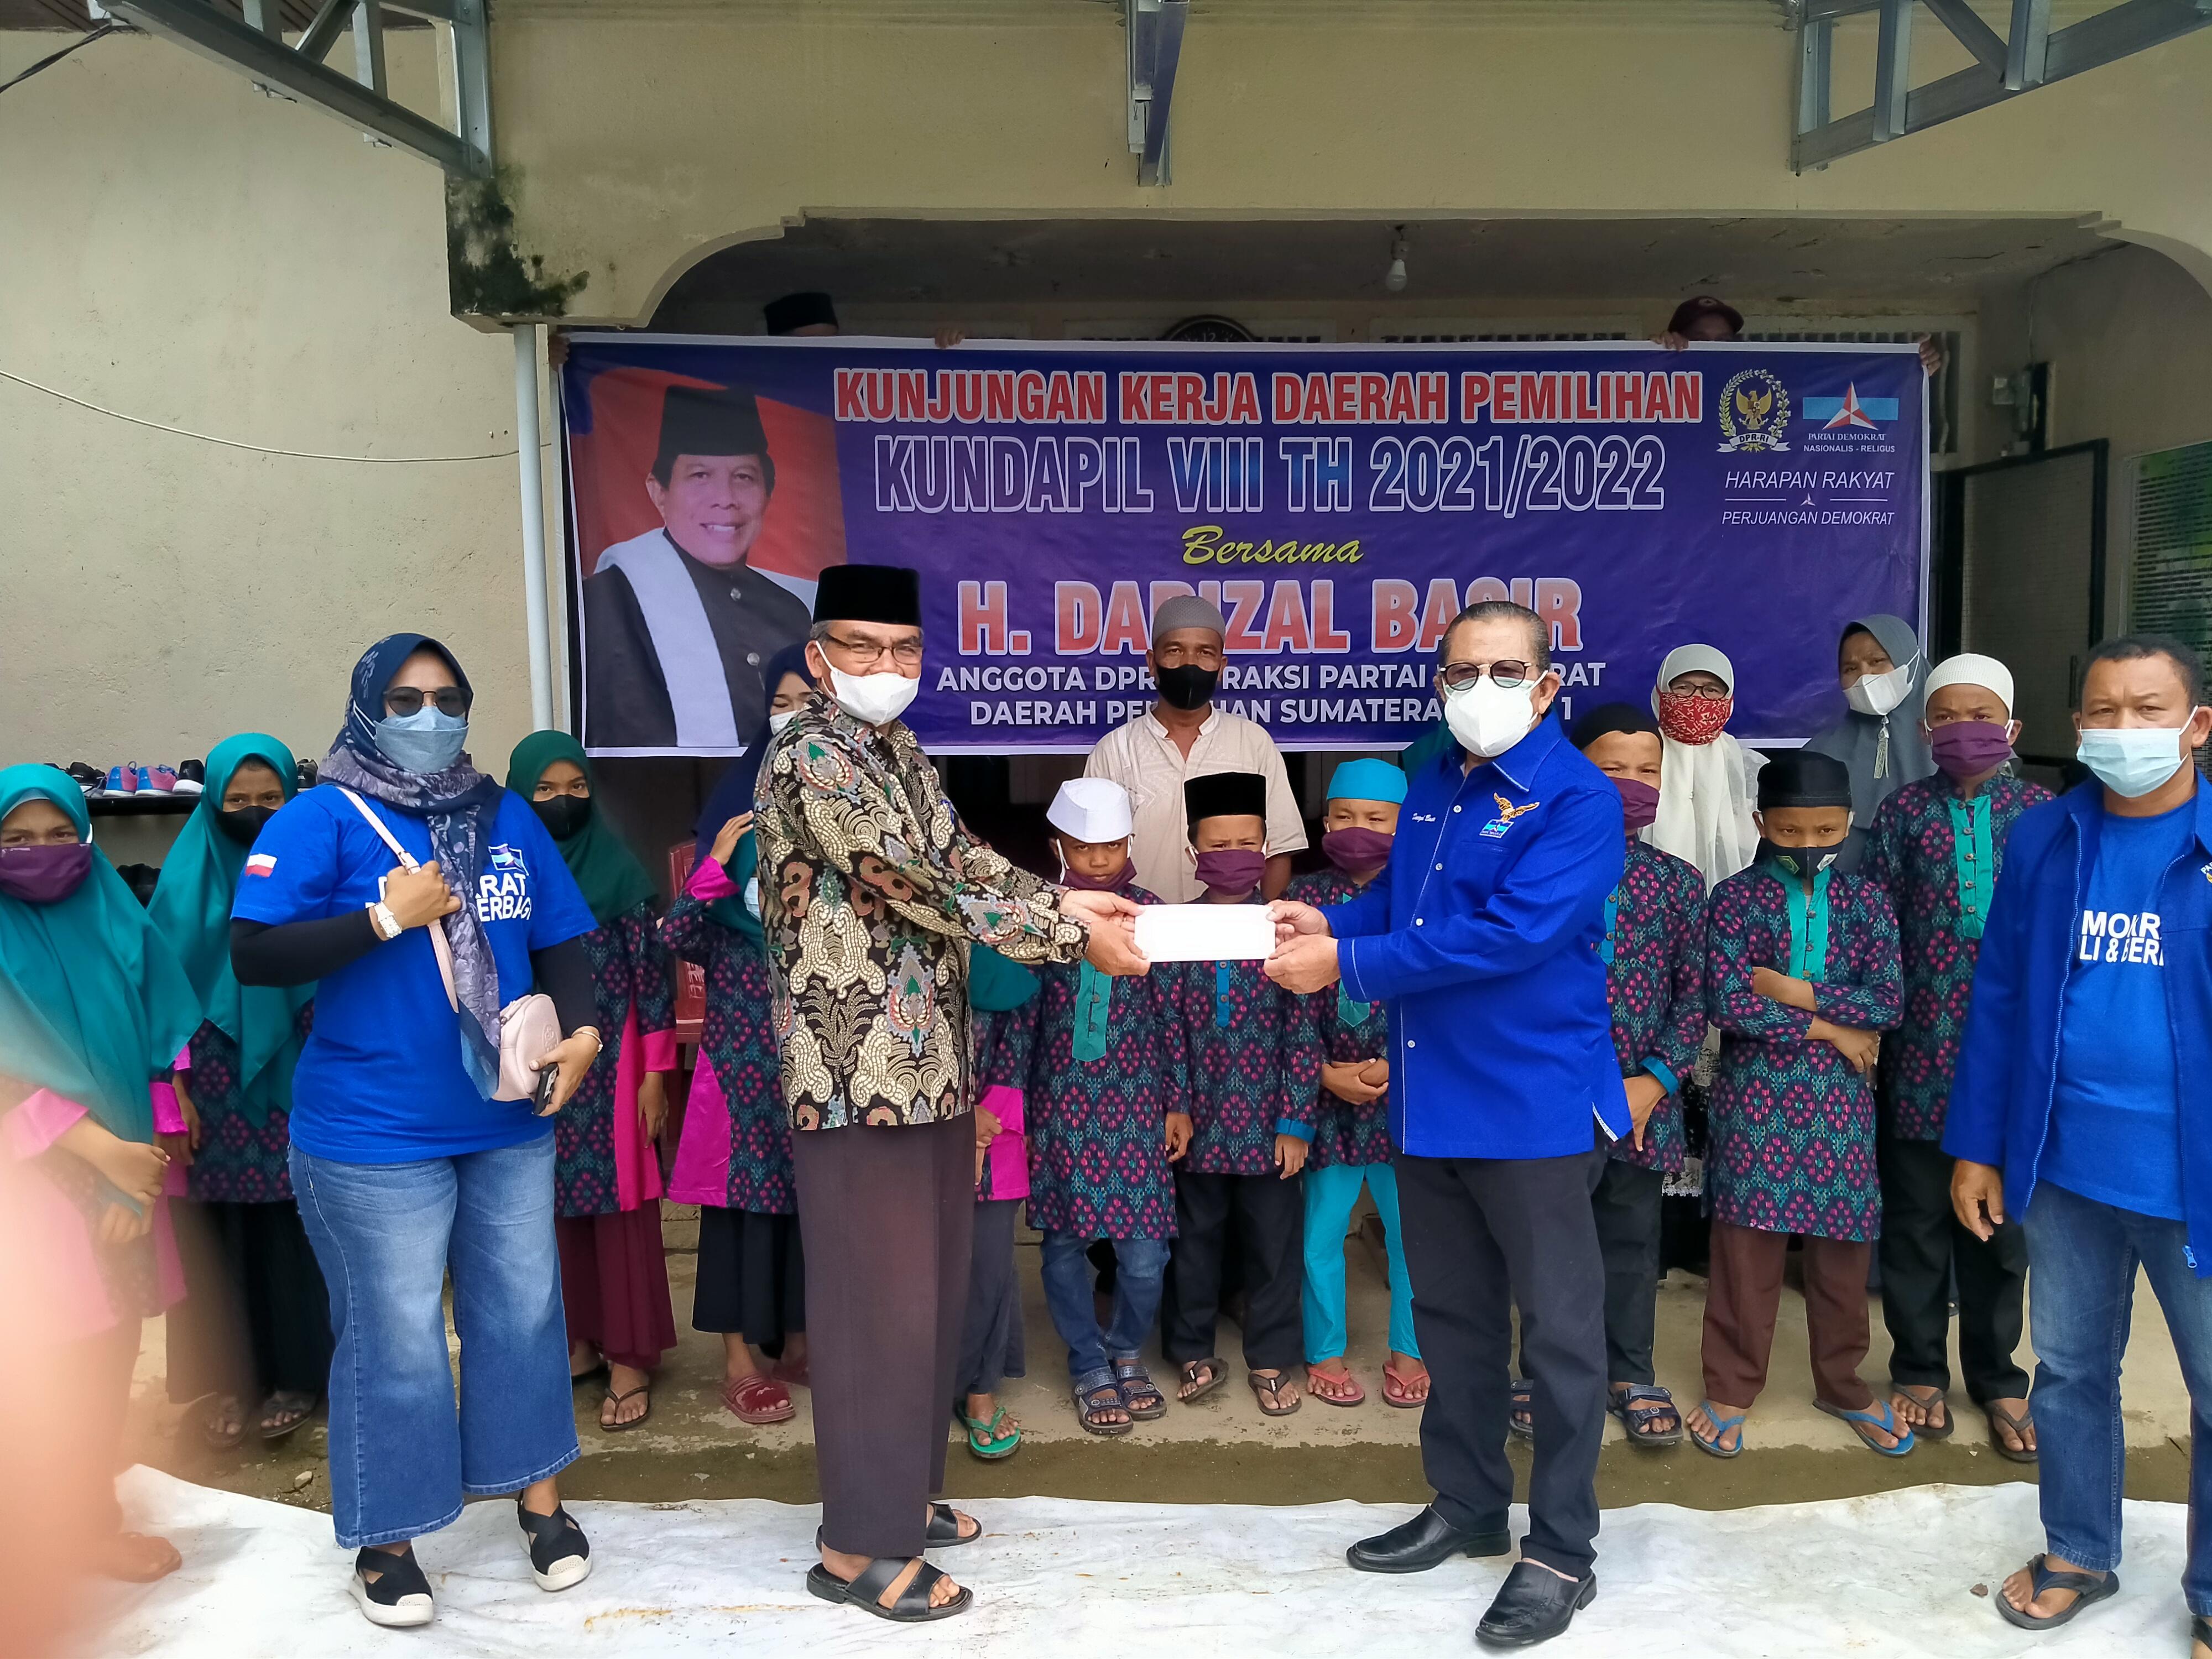 Panti Asuhan Muhammadiyah Terima Bantuan Dana Dari Anggota DPR RI Darizal Basir